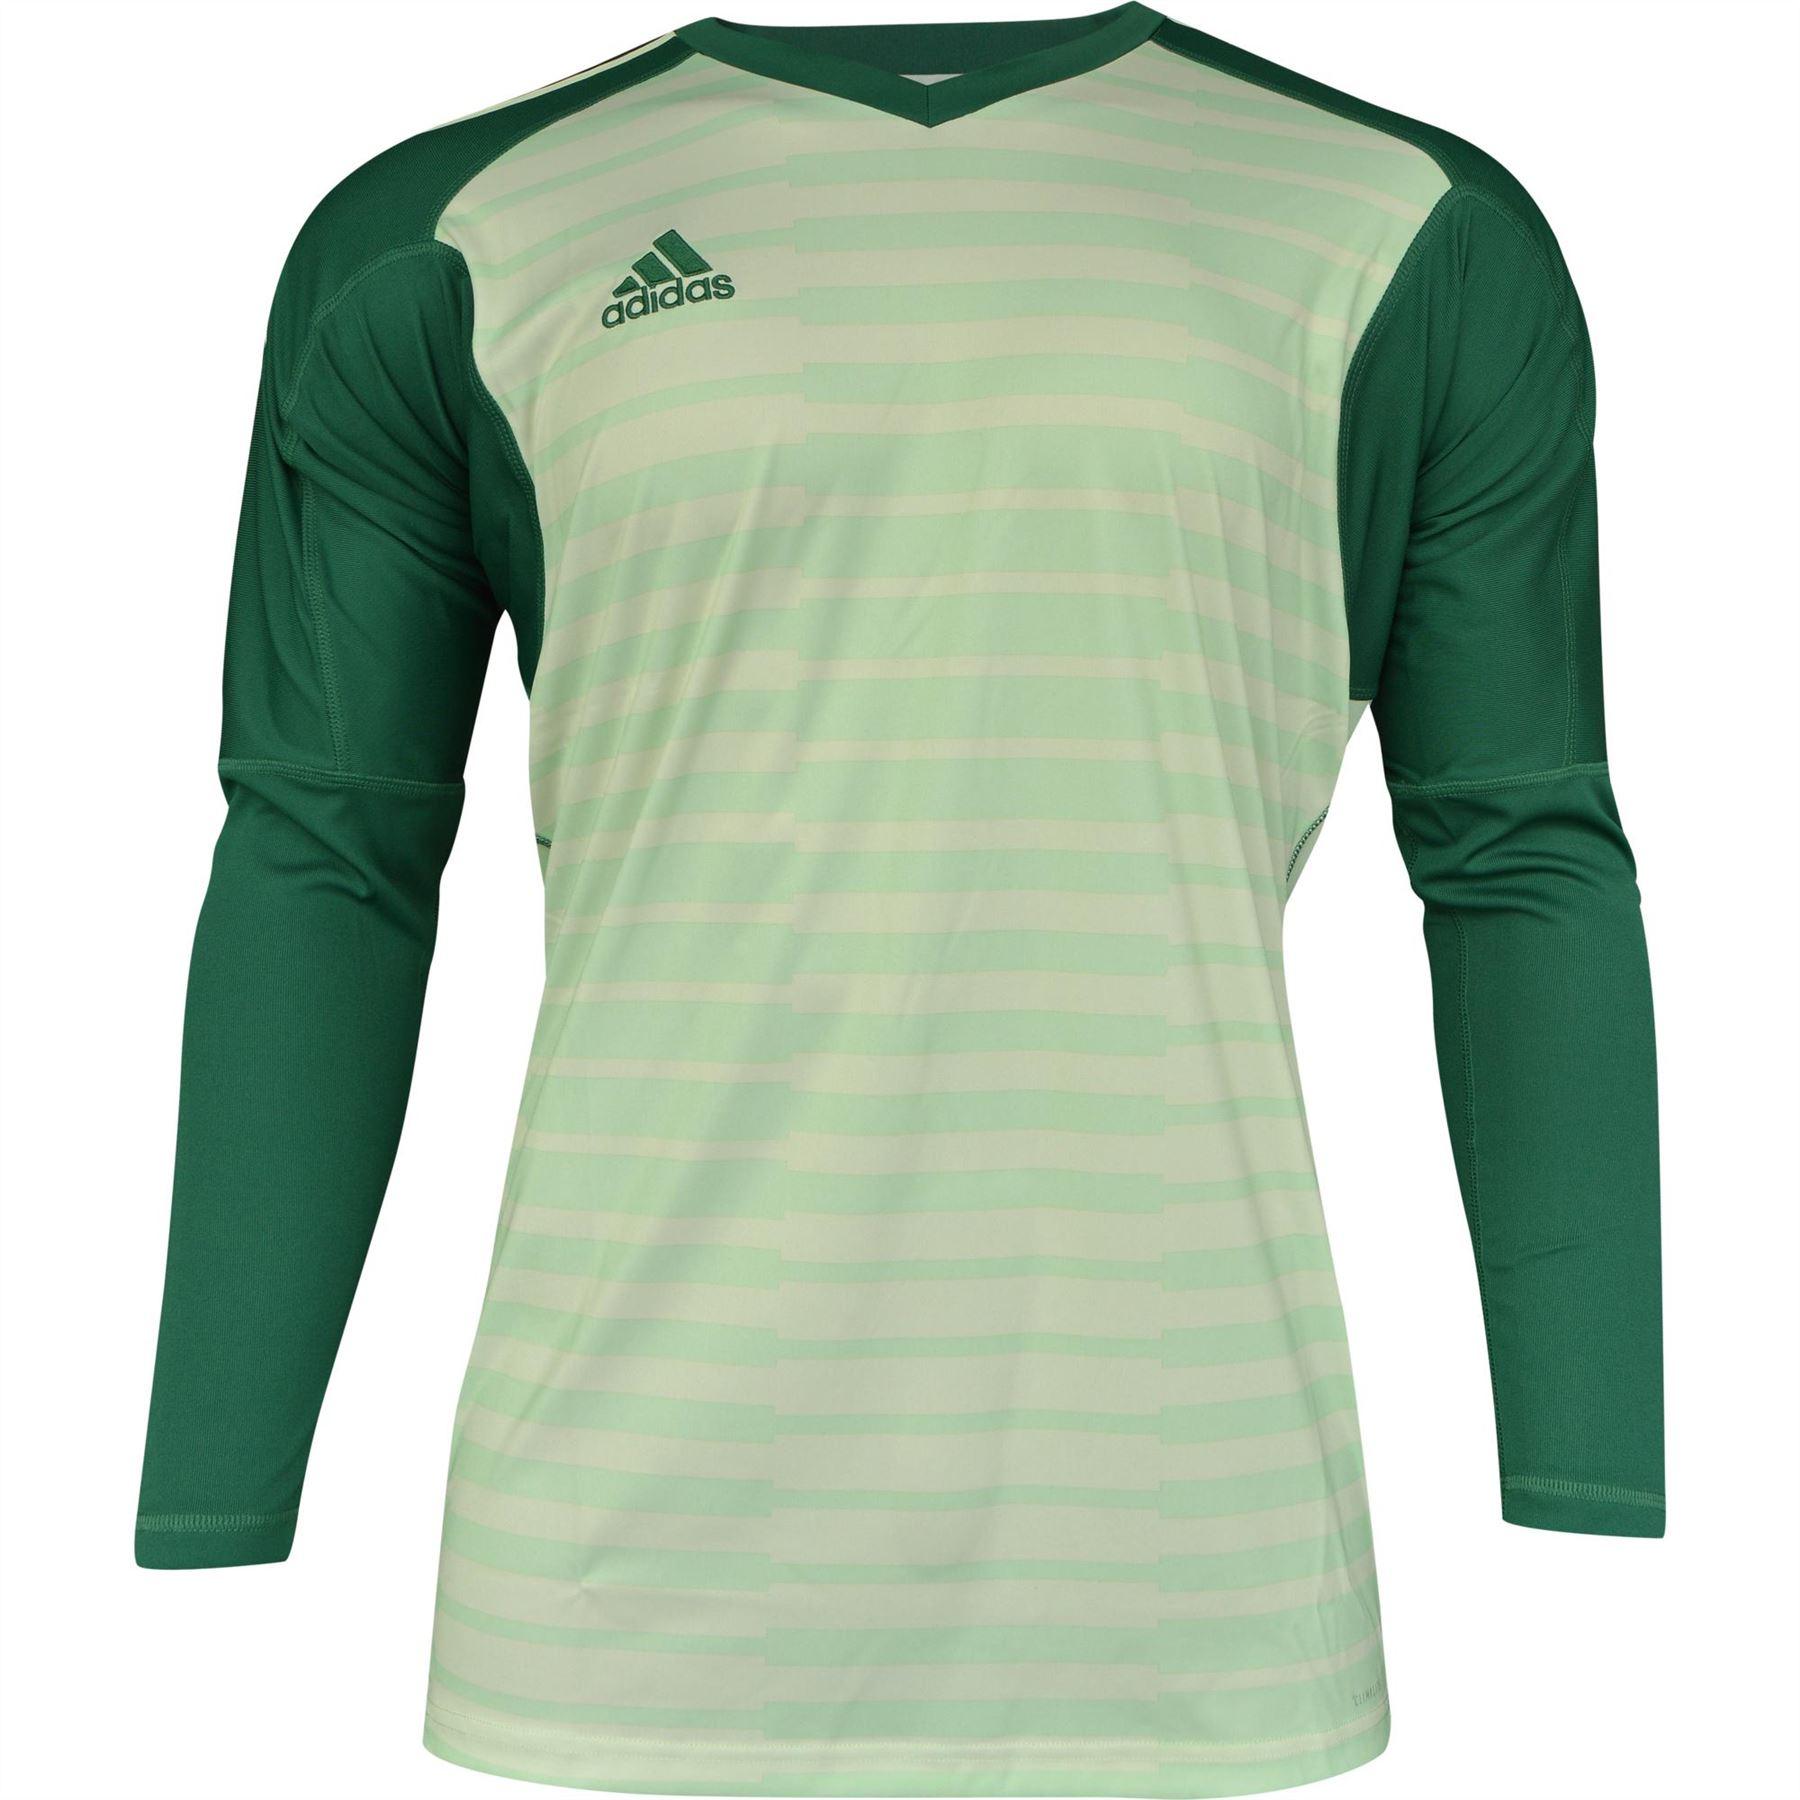 miniature 4 - ADIDAS adiPro 18 Gardien De but Chemise Homme Football Soccer Gk Jersey Top T-Shirt